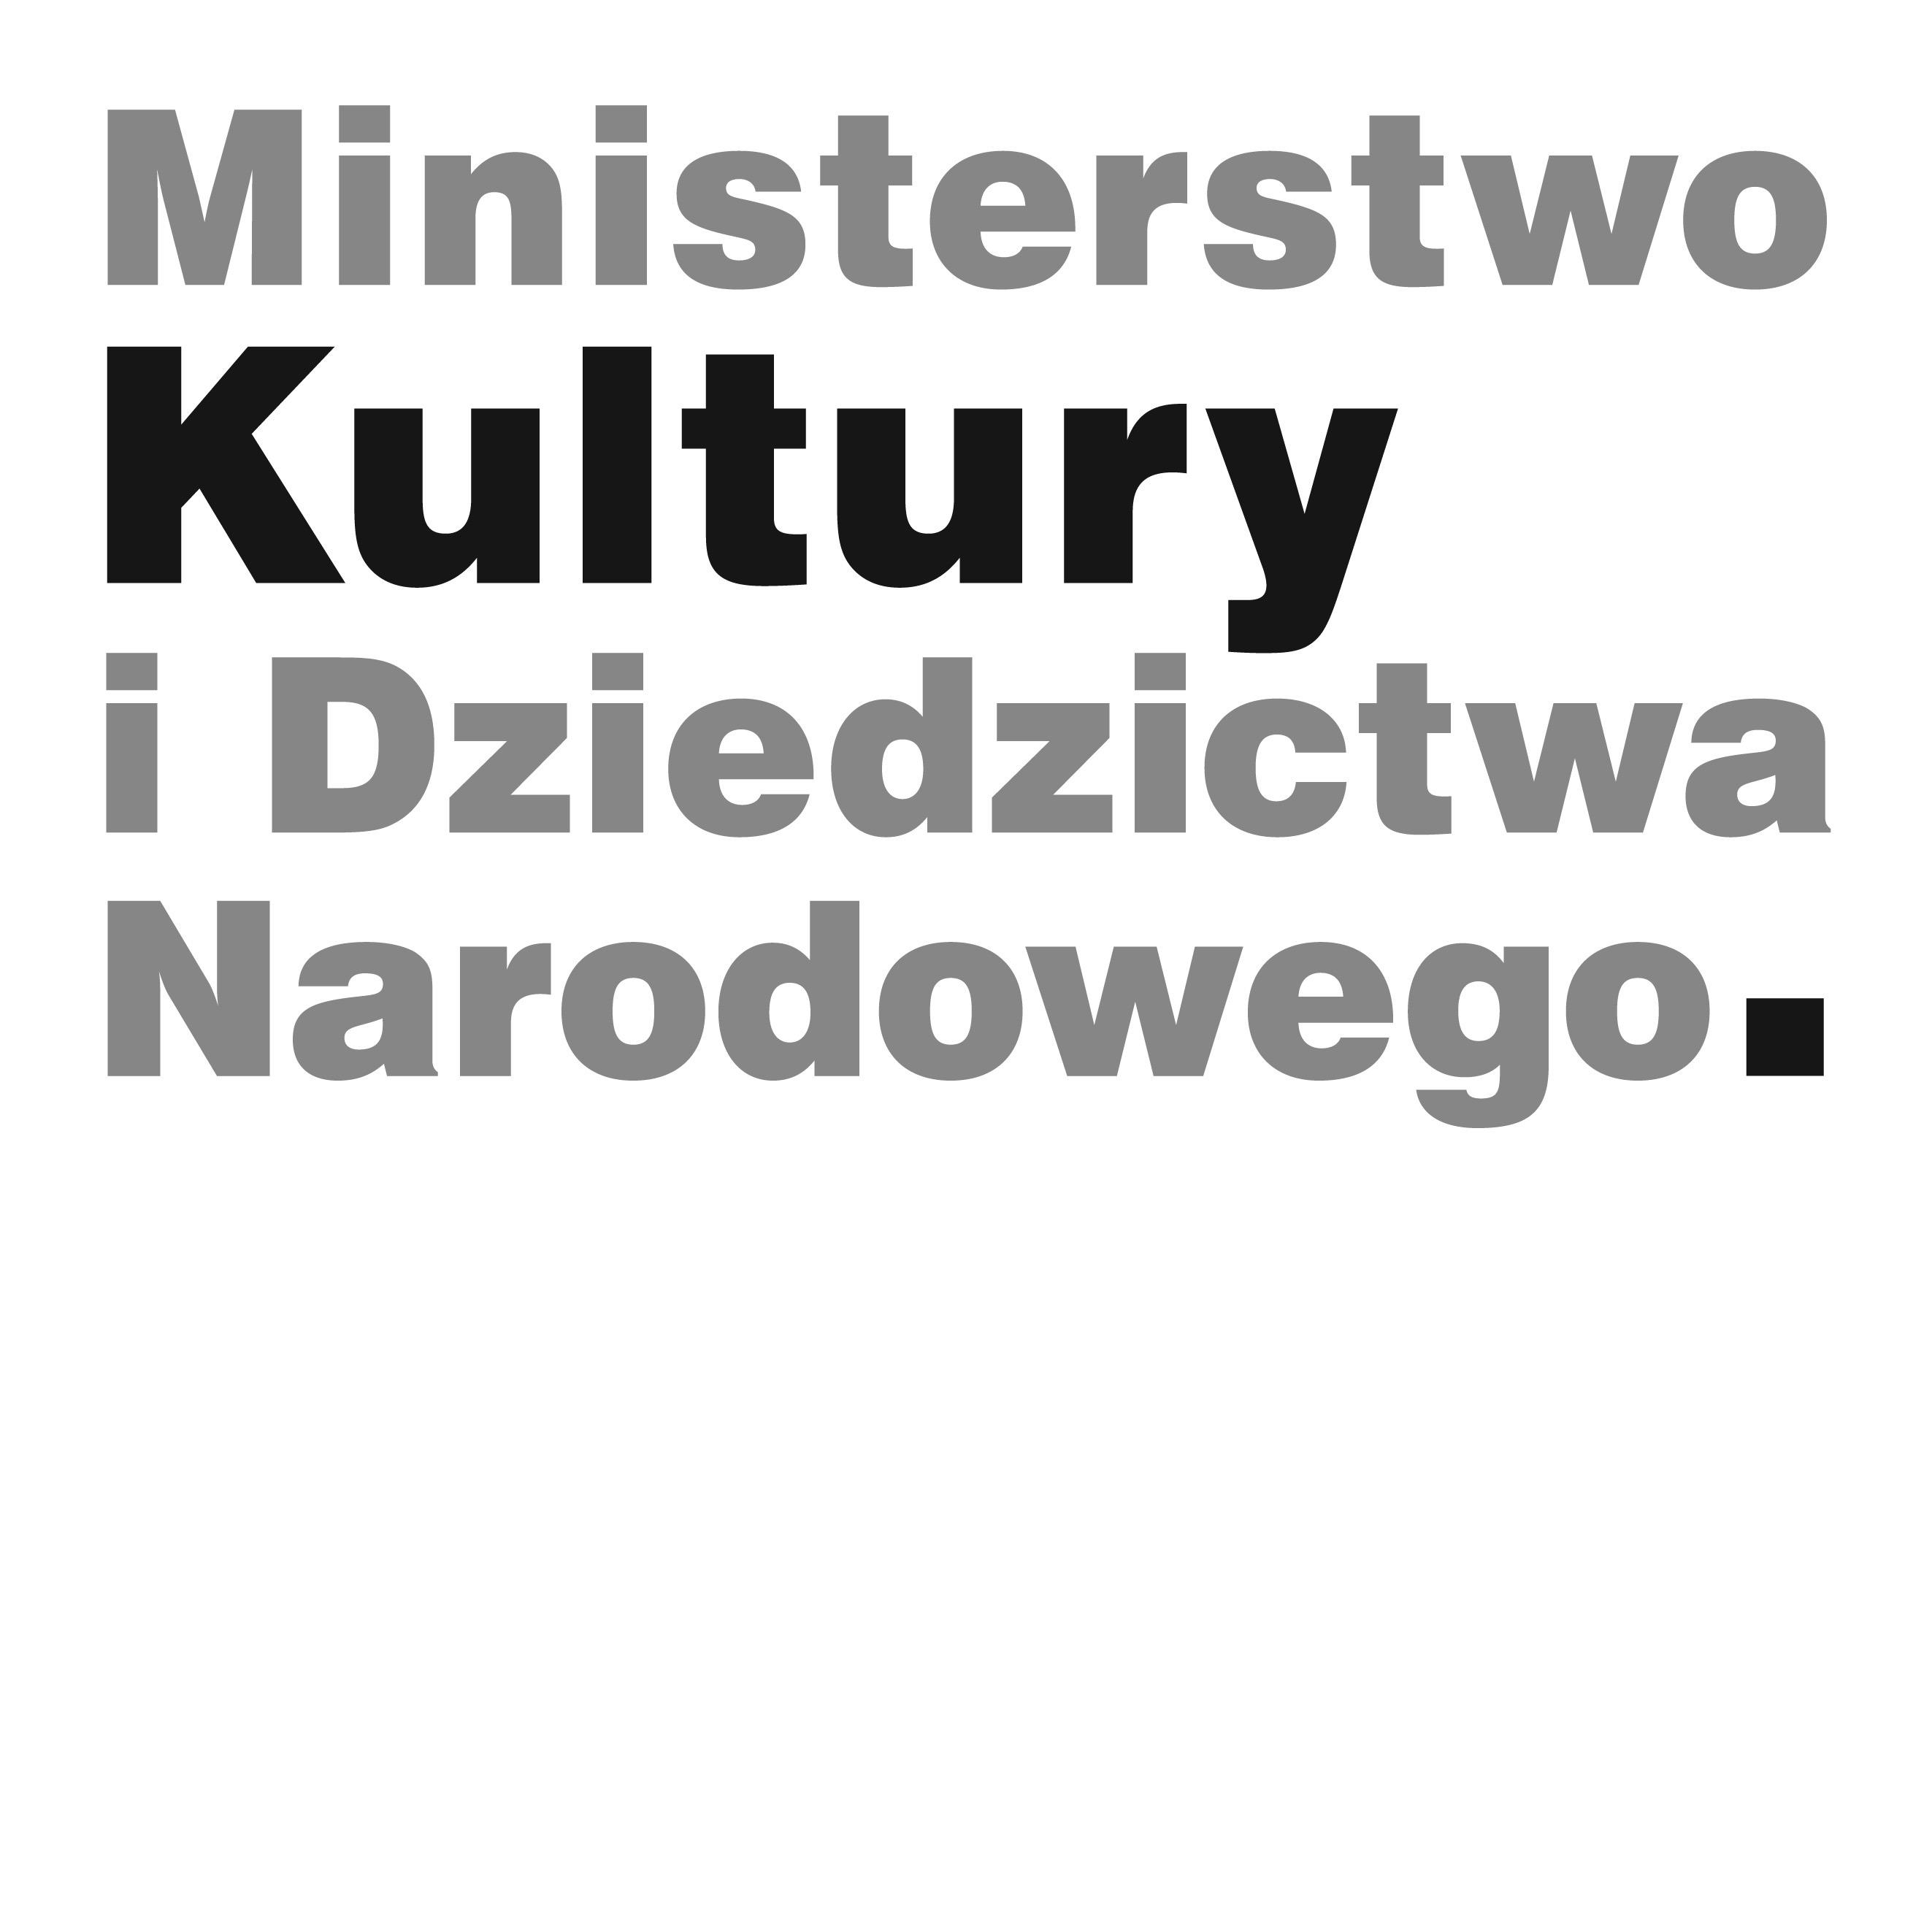 Napis, w którym każde kolejne słowo znajduje się w osobnym wersie: Ministerstwo Kultury i Dziedzictwa Narodowego. Tekst jest szary. Na czarno wyróżnione zostało słowo 'Kultury' oraz kropka na końcu znaku.